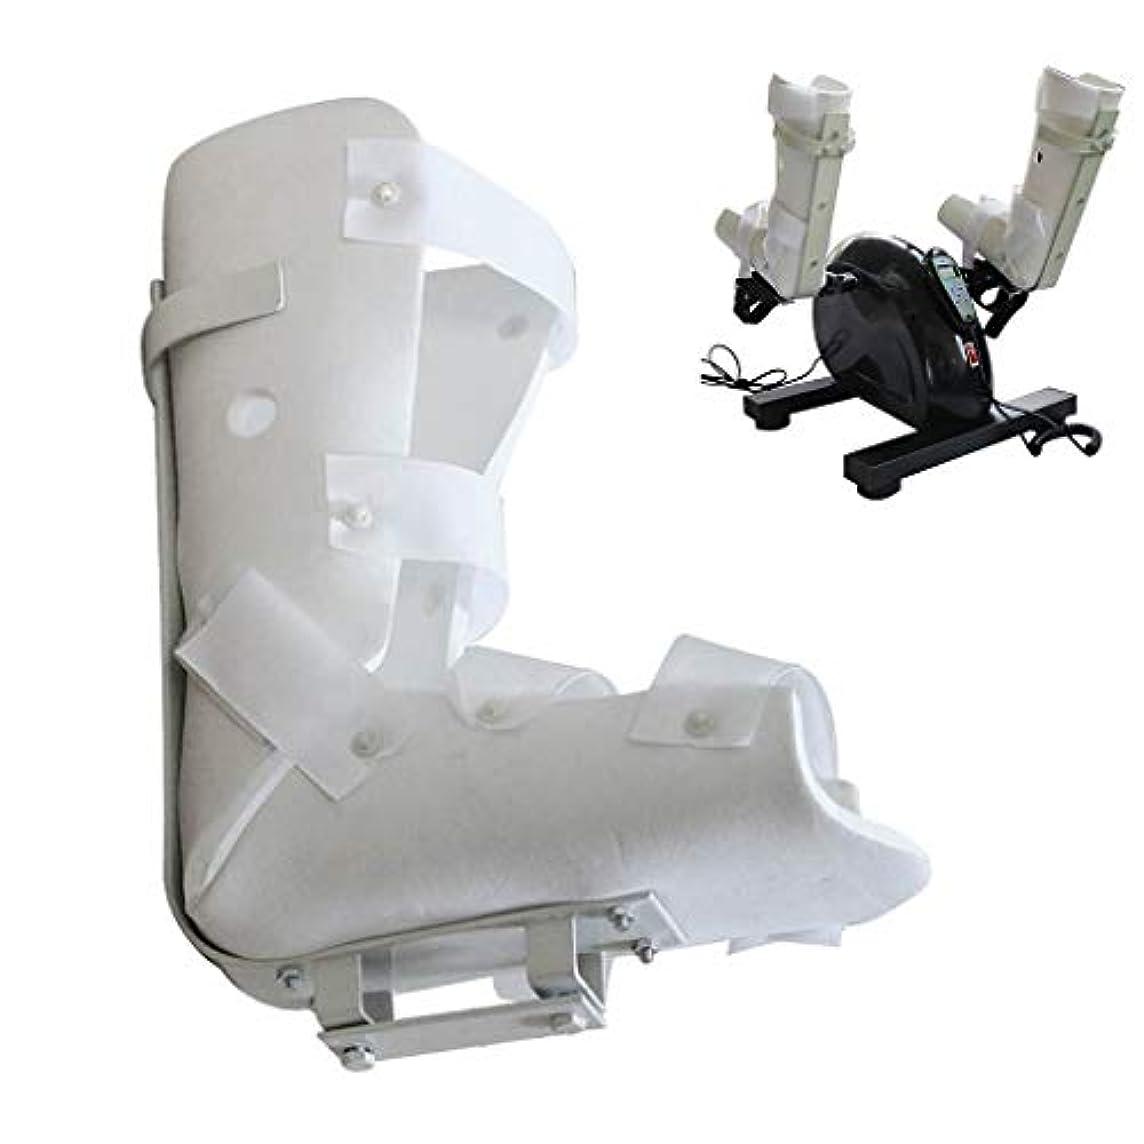 恐ろしいクライアント階段電子理学療法コンフォートソフトスプリント、ハンディキャップ障害者および脳卒中サバイバー、1ペア用のリハビリバイクペダル電動トレーナーの脚サポート